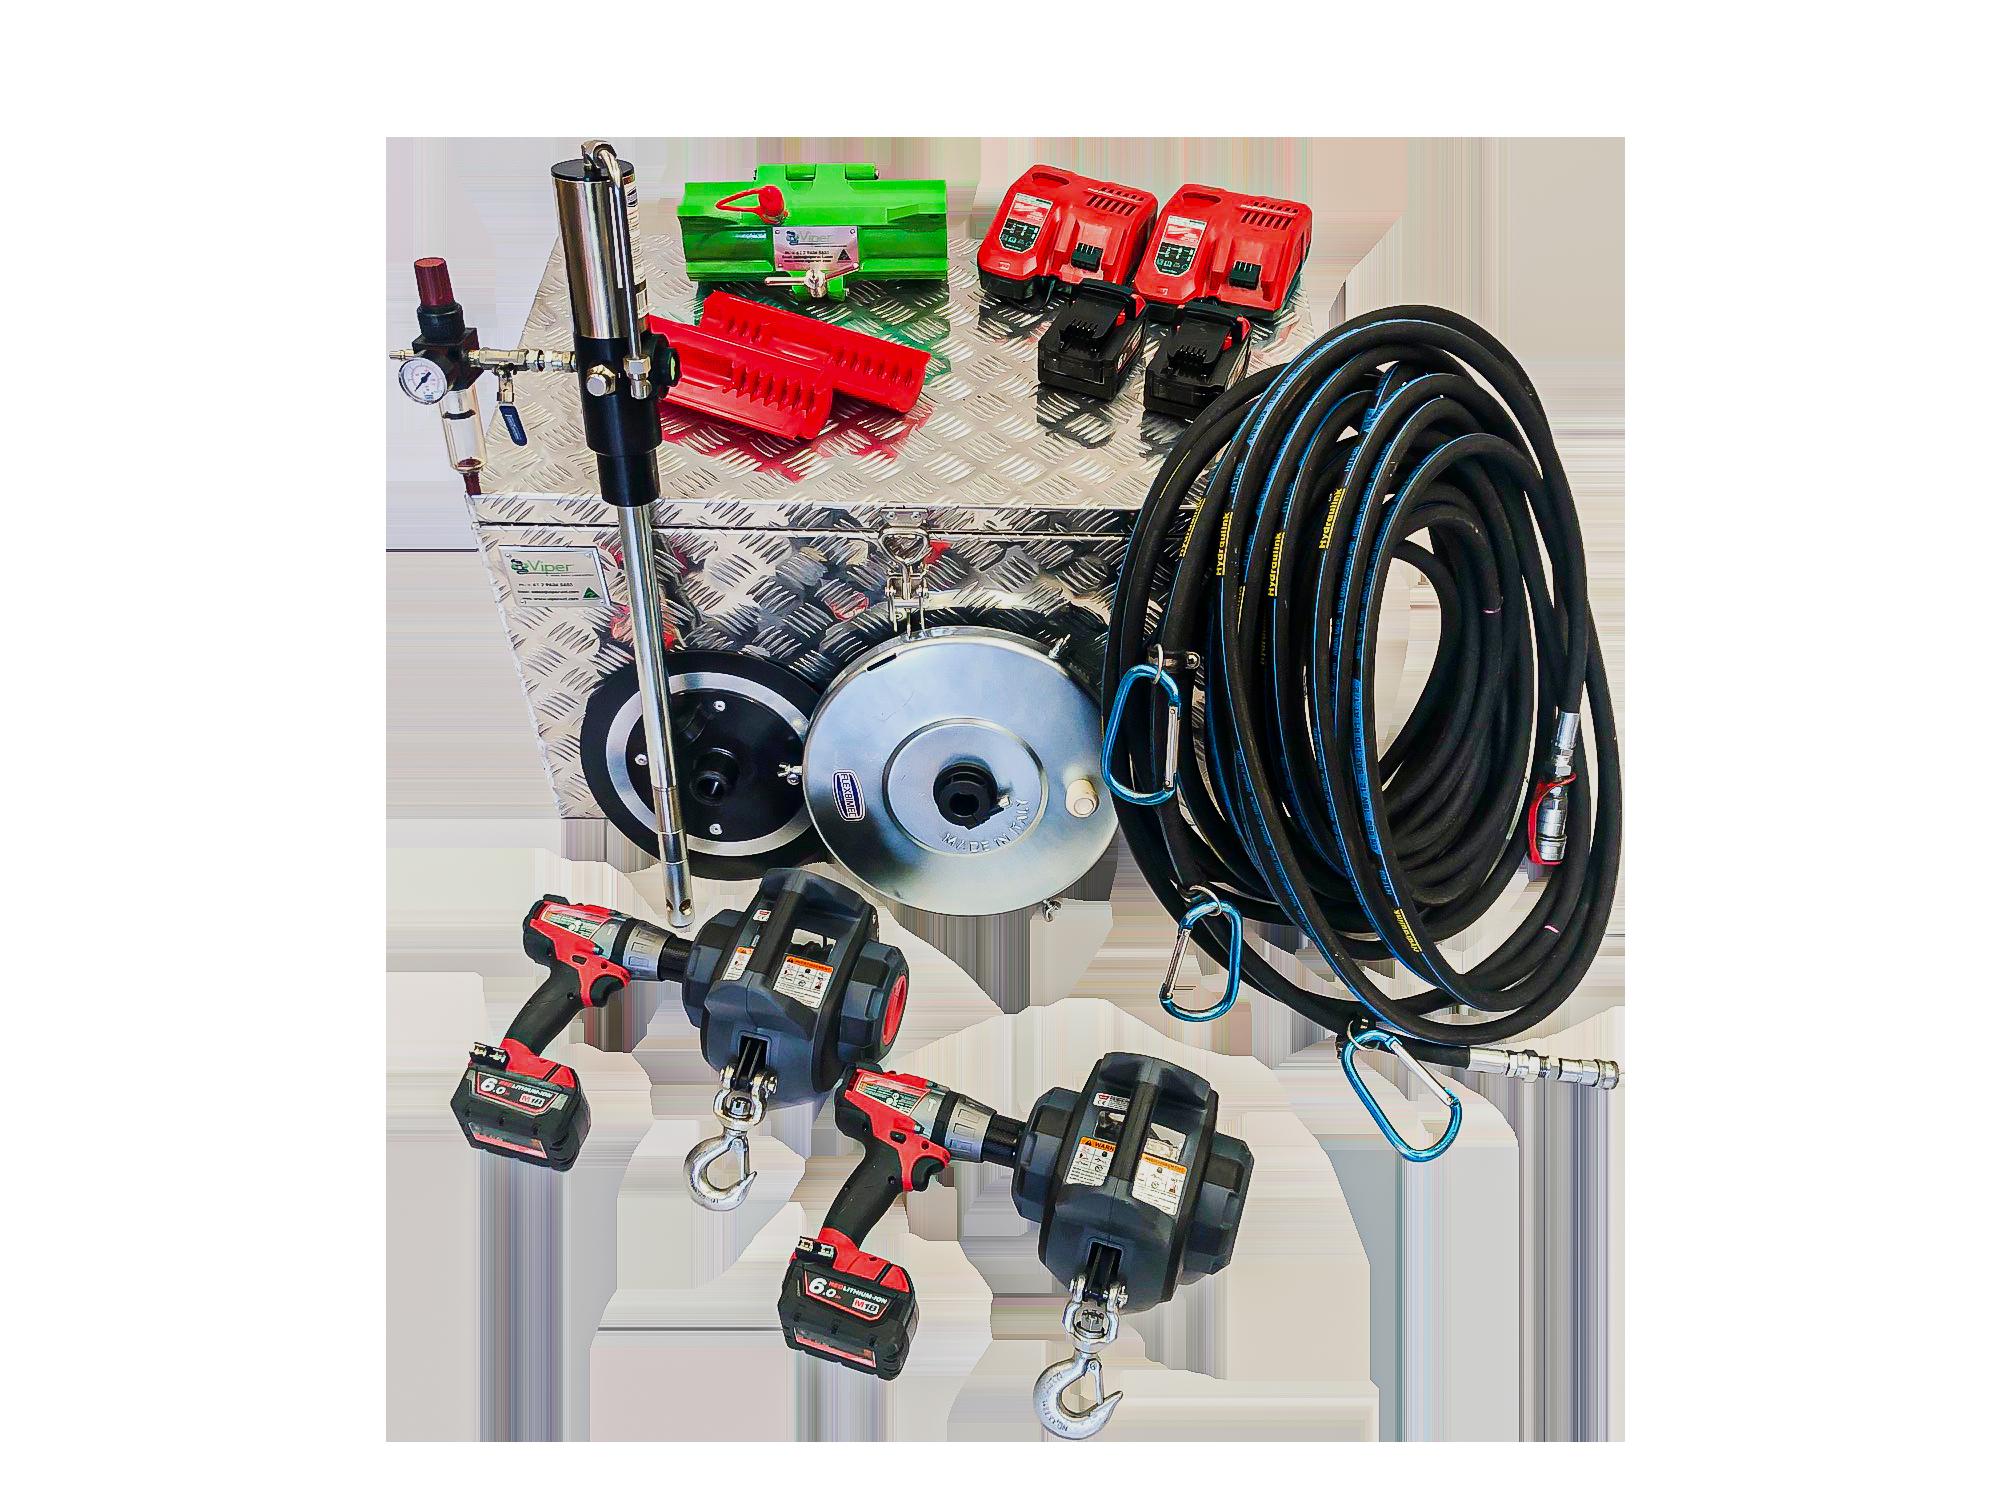 Bulk Carrier Kit & Viper Mini WRL Kit